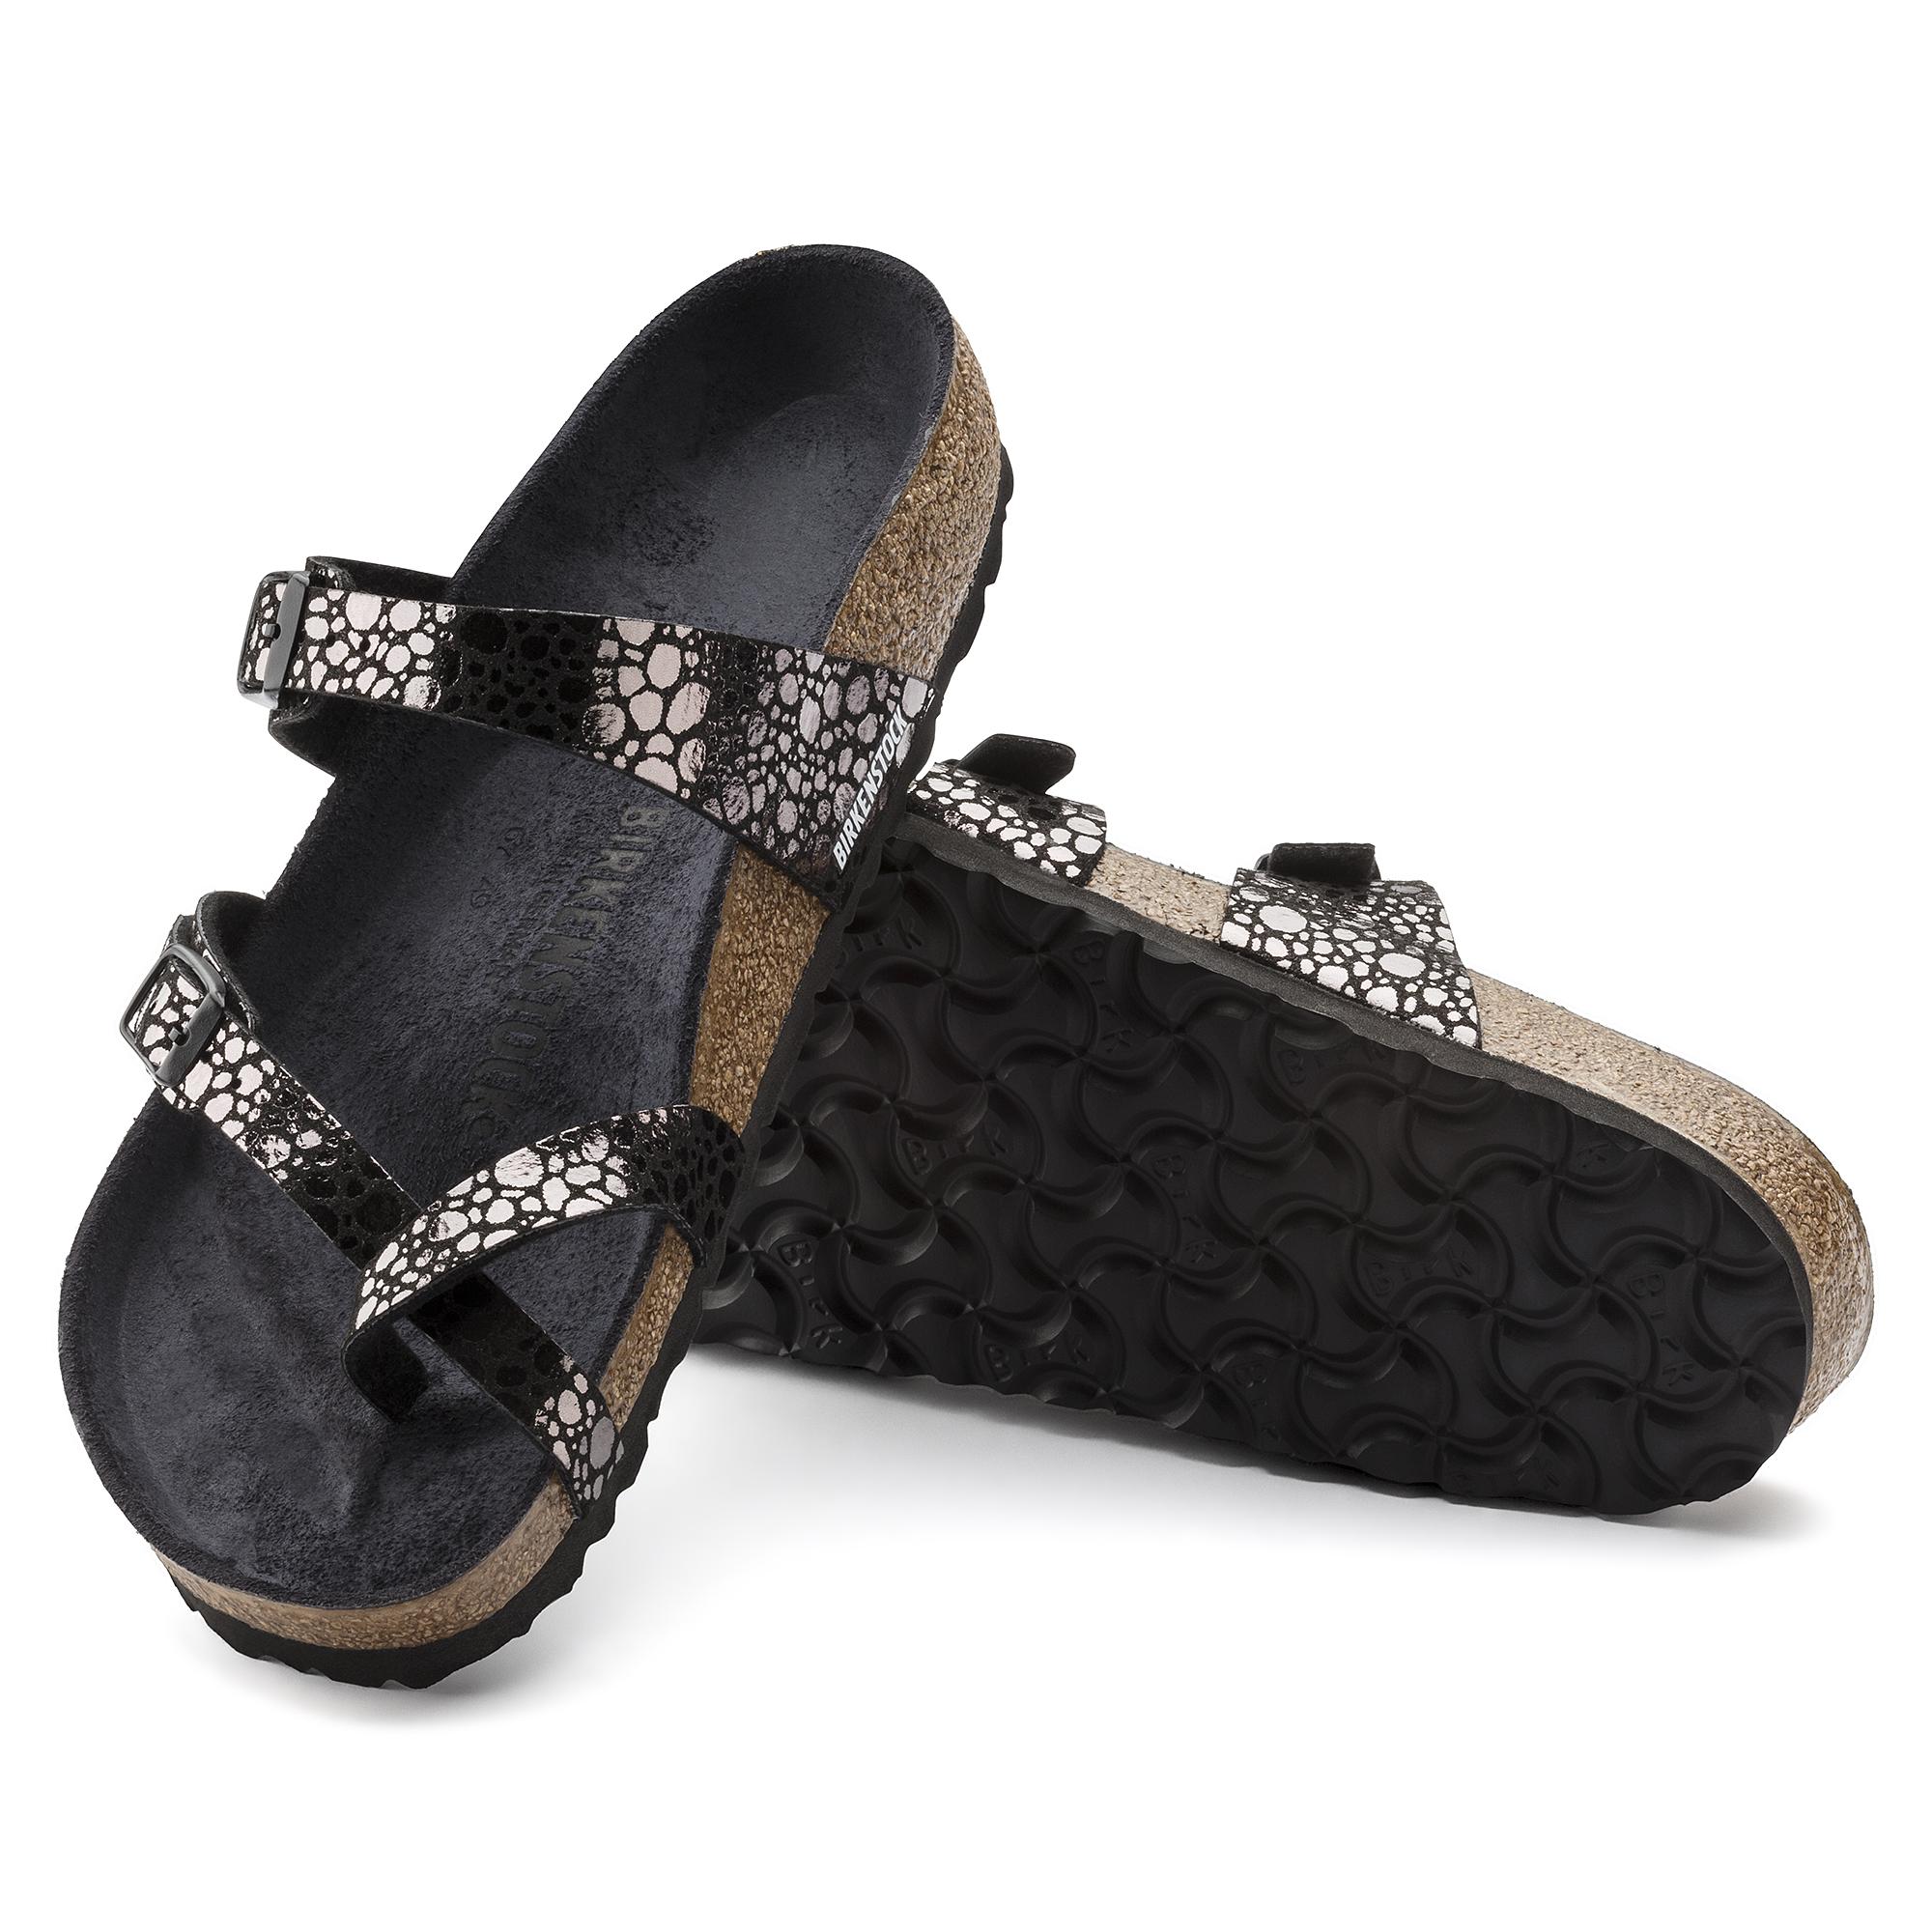 Mayari Birko-Flor Metallic Stones Black